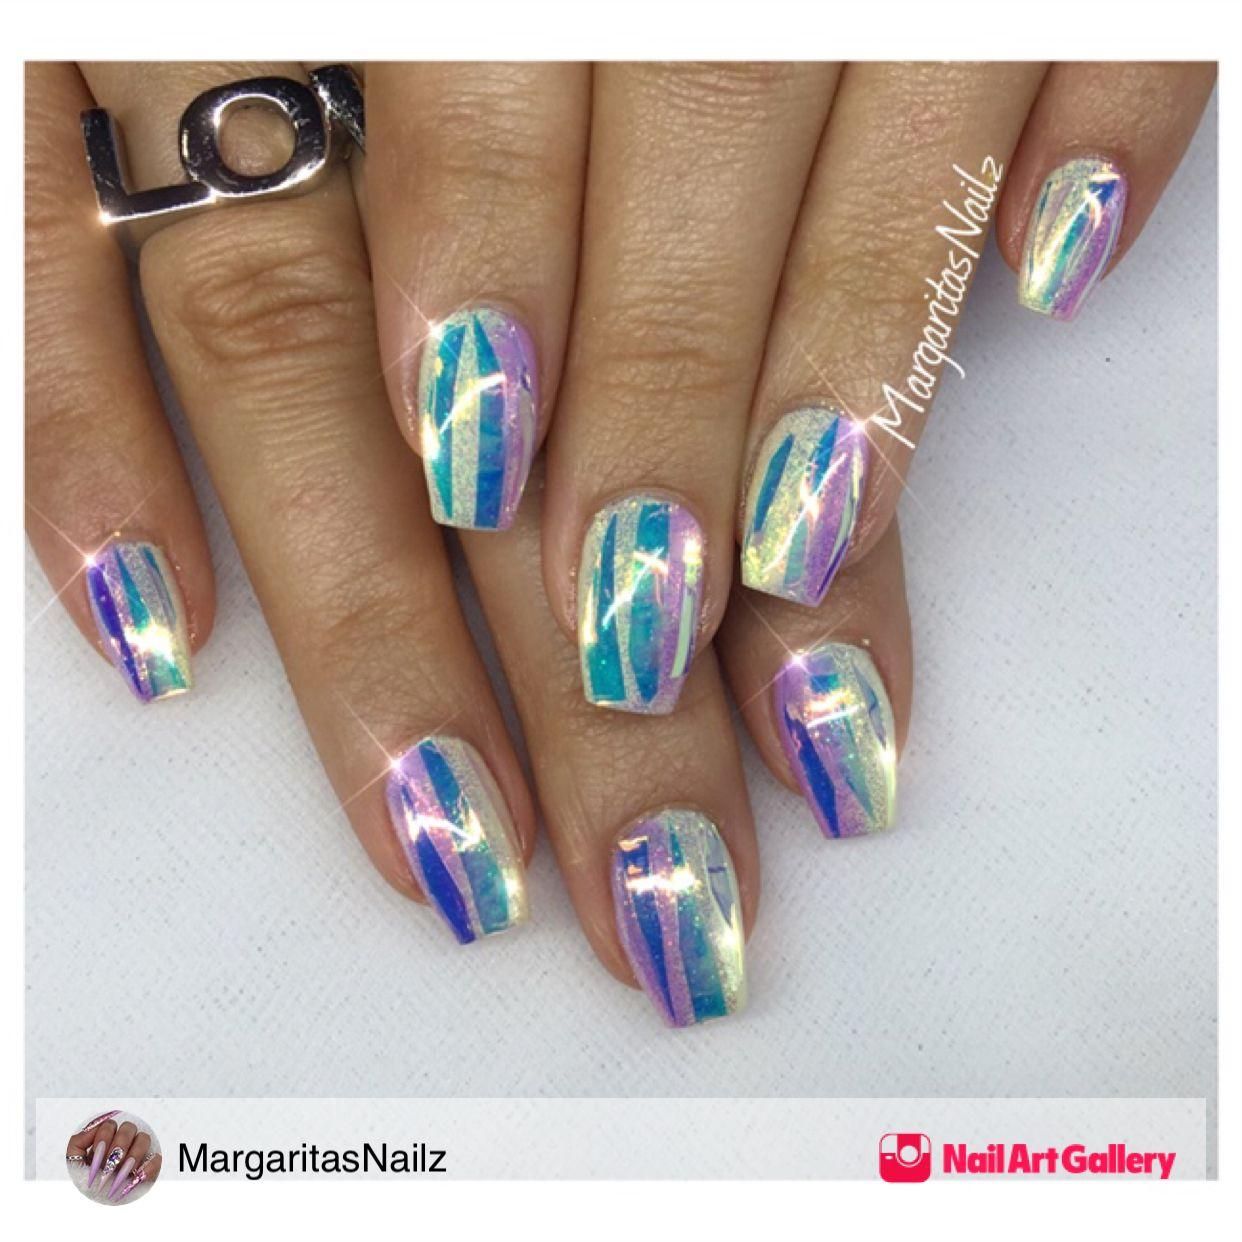 Shiny Glitter Nails by MargaritasNailz via @nailartgallery ...